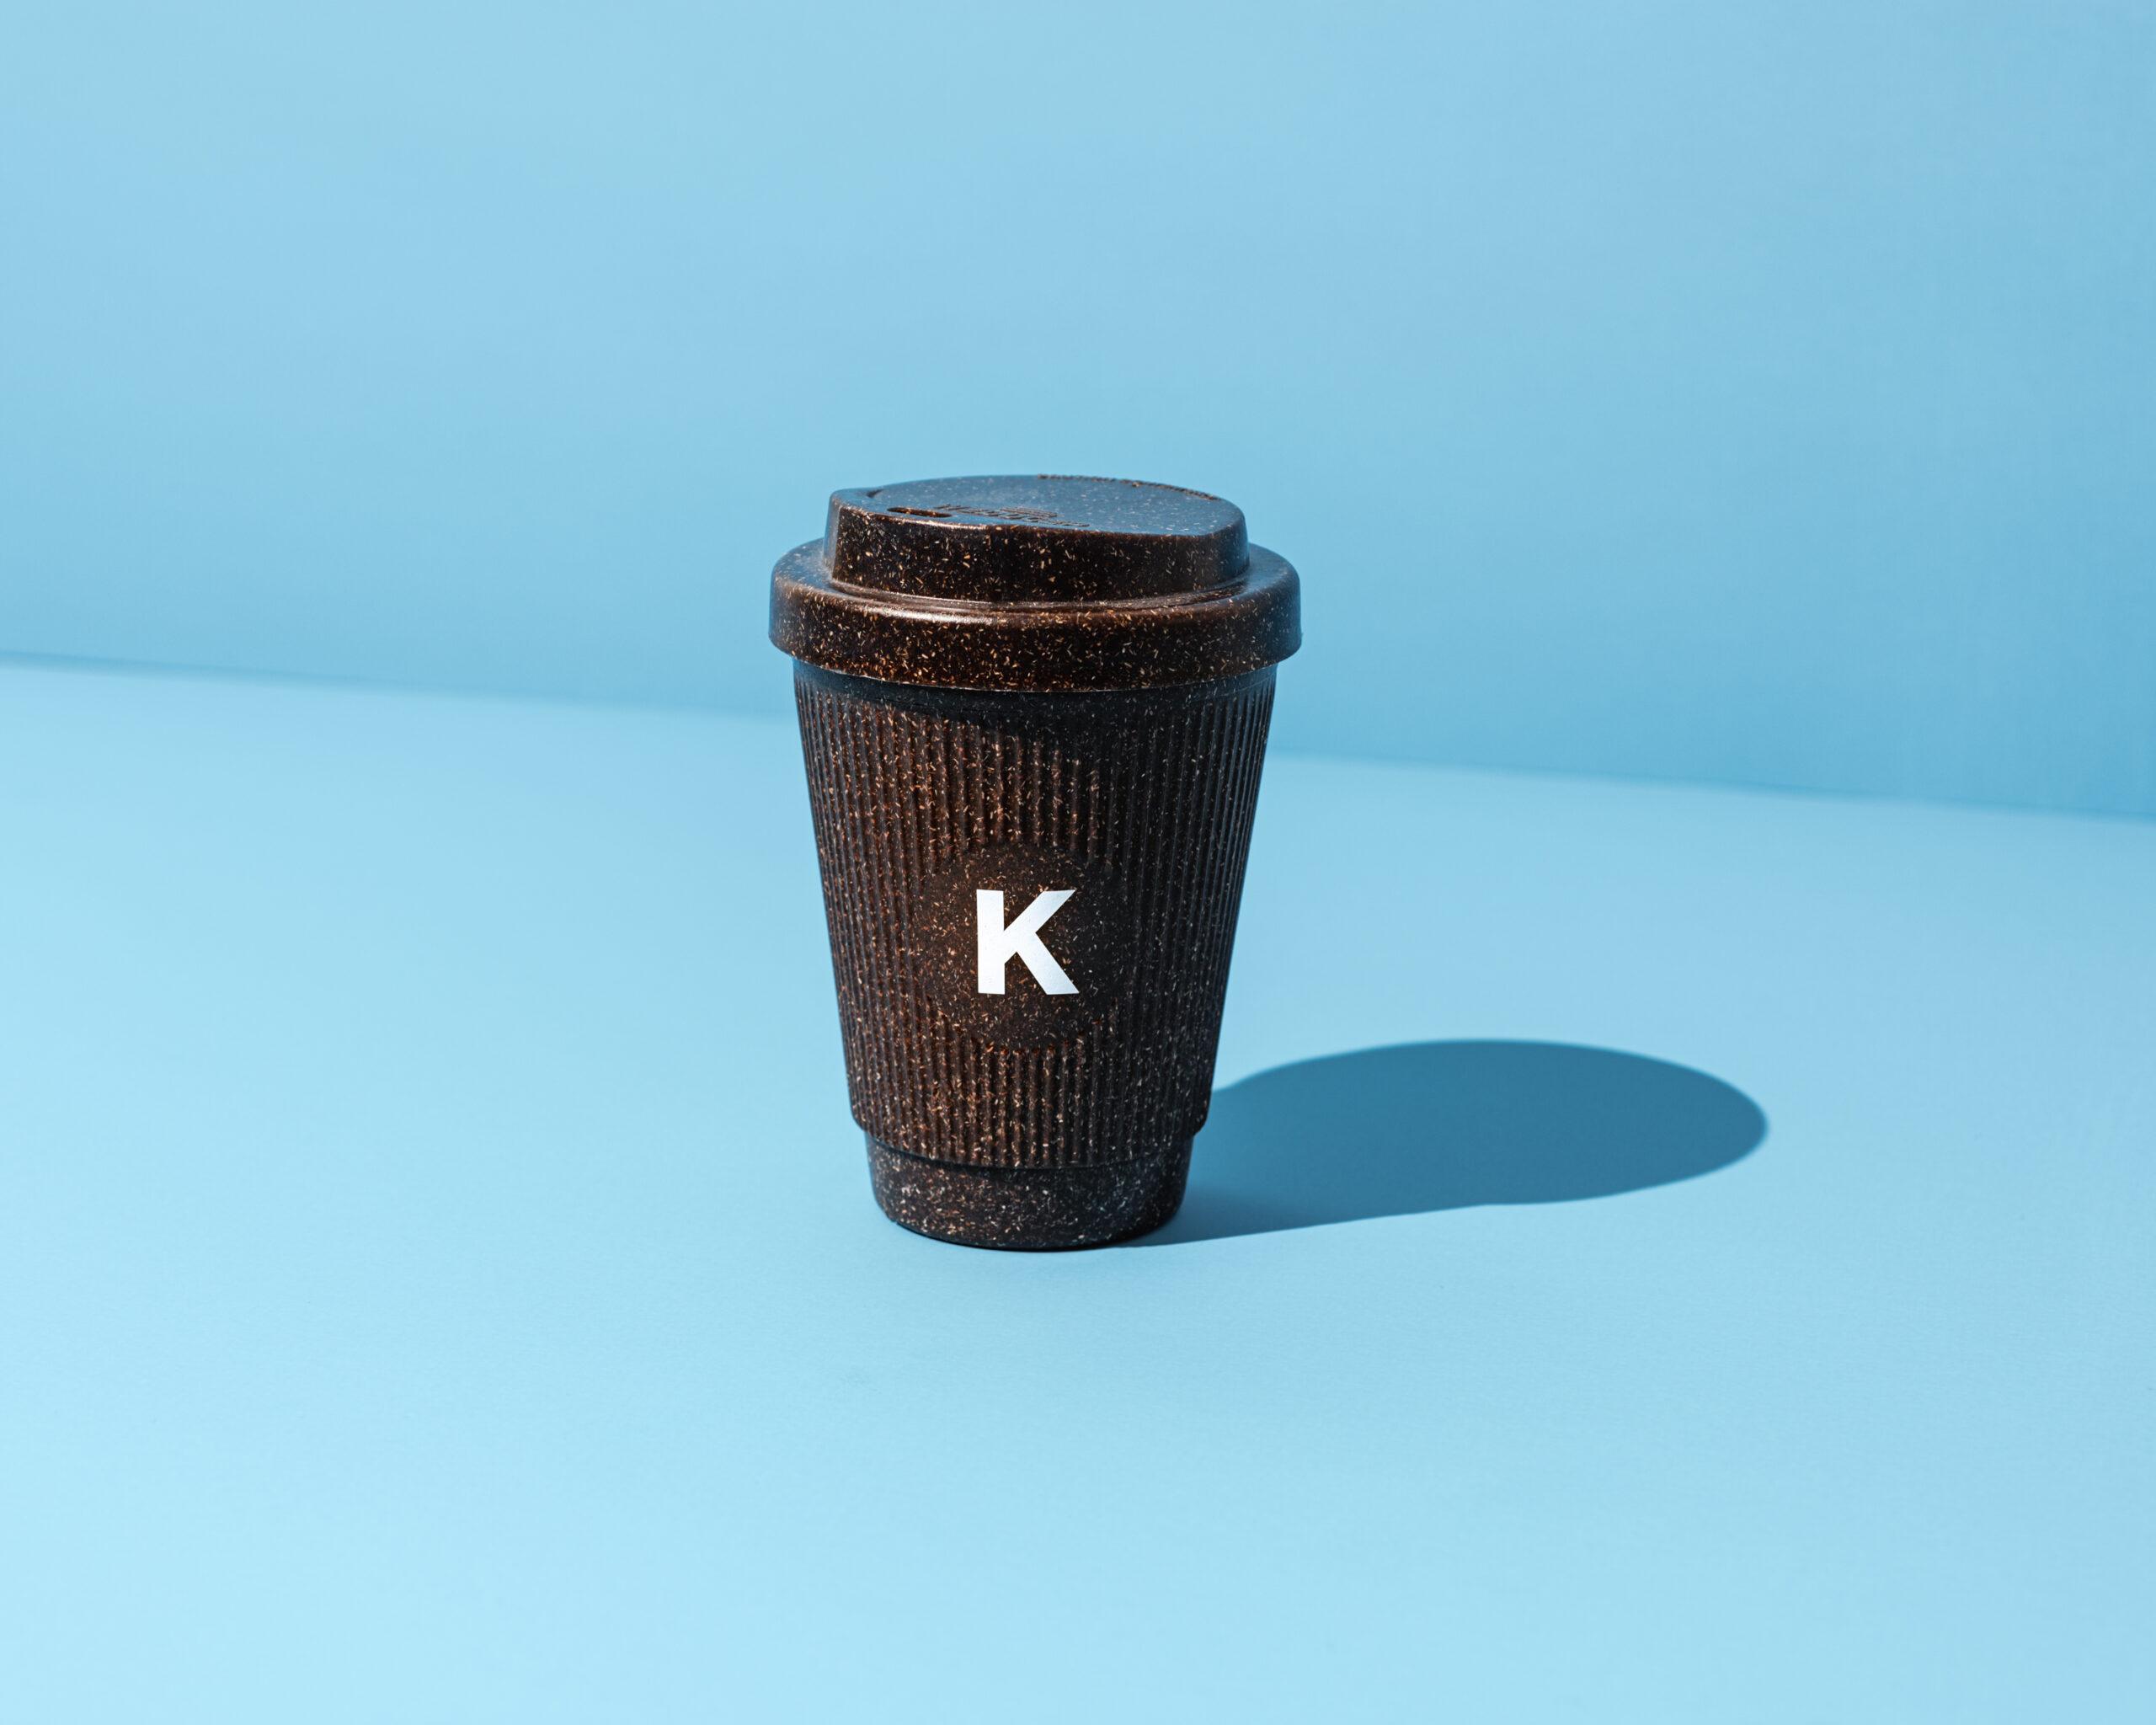 Kaffeeform Alphabet Weducer Cup mit dem Buchstaben K vor einem blauen Hintergrund